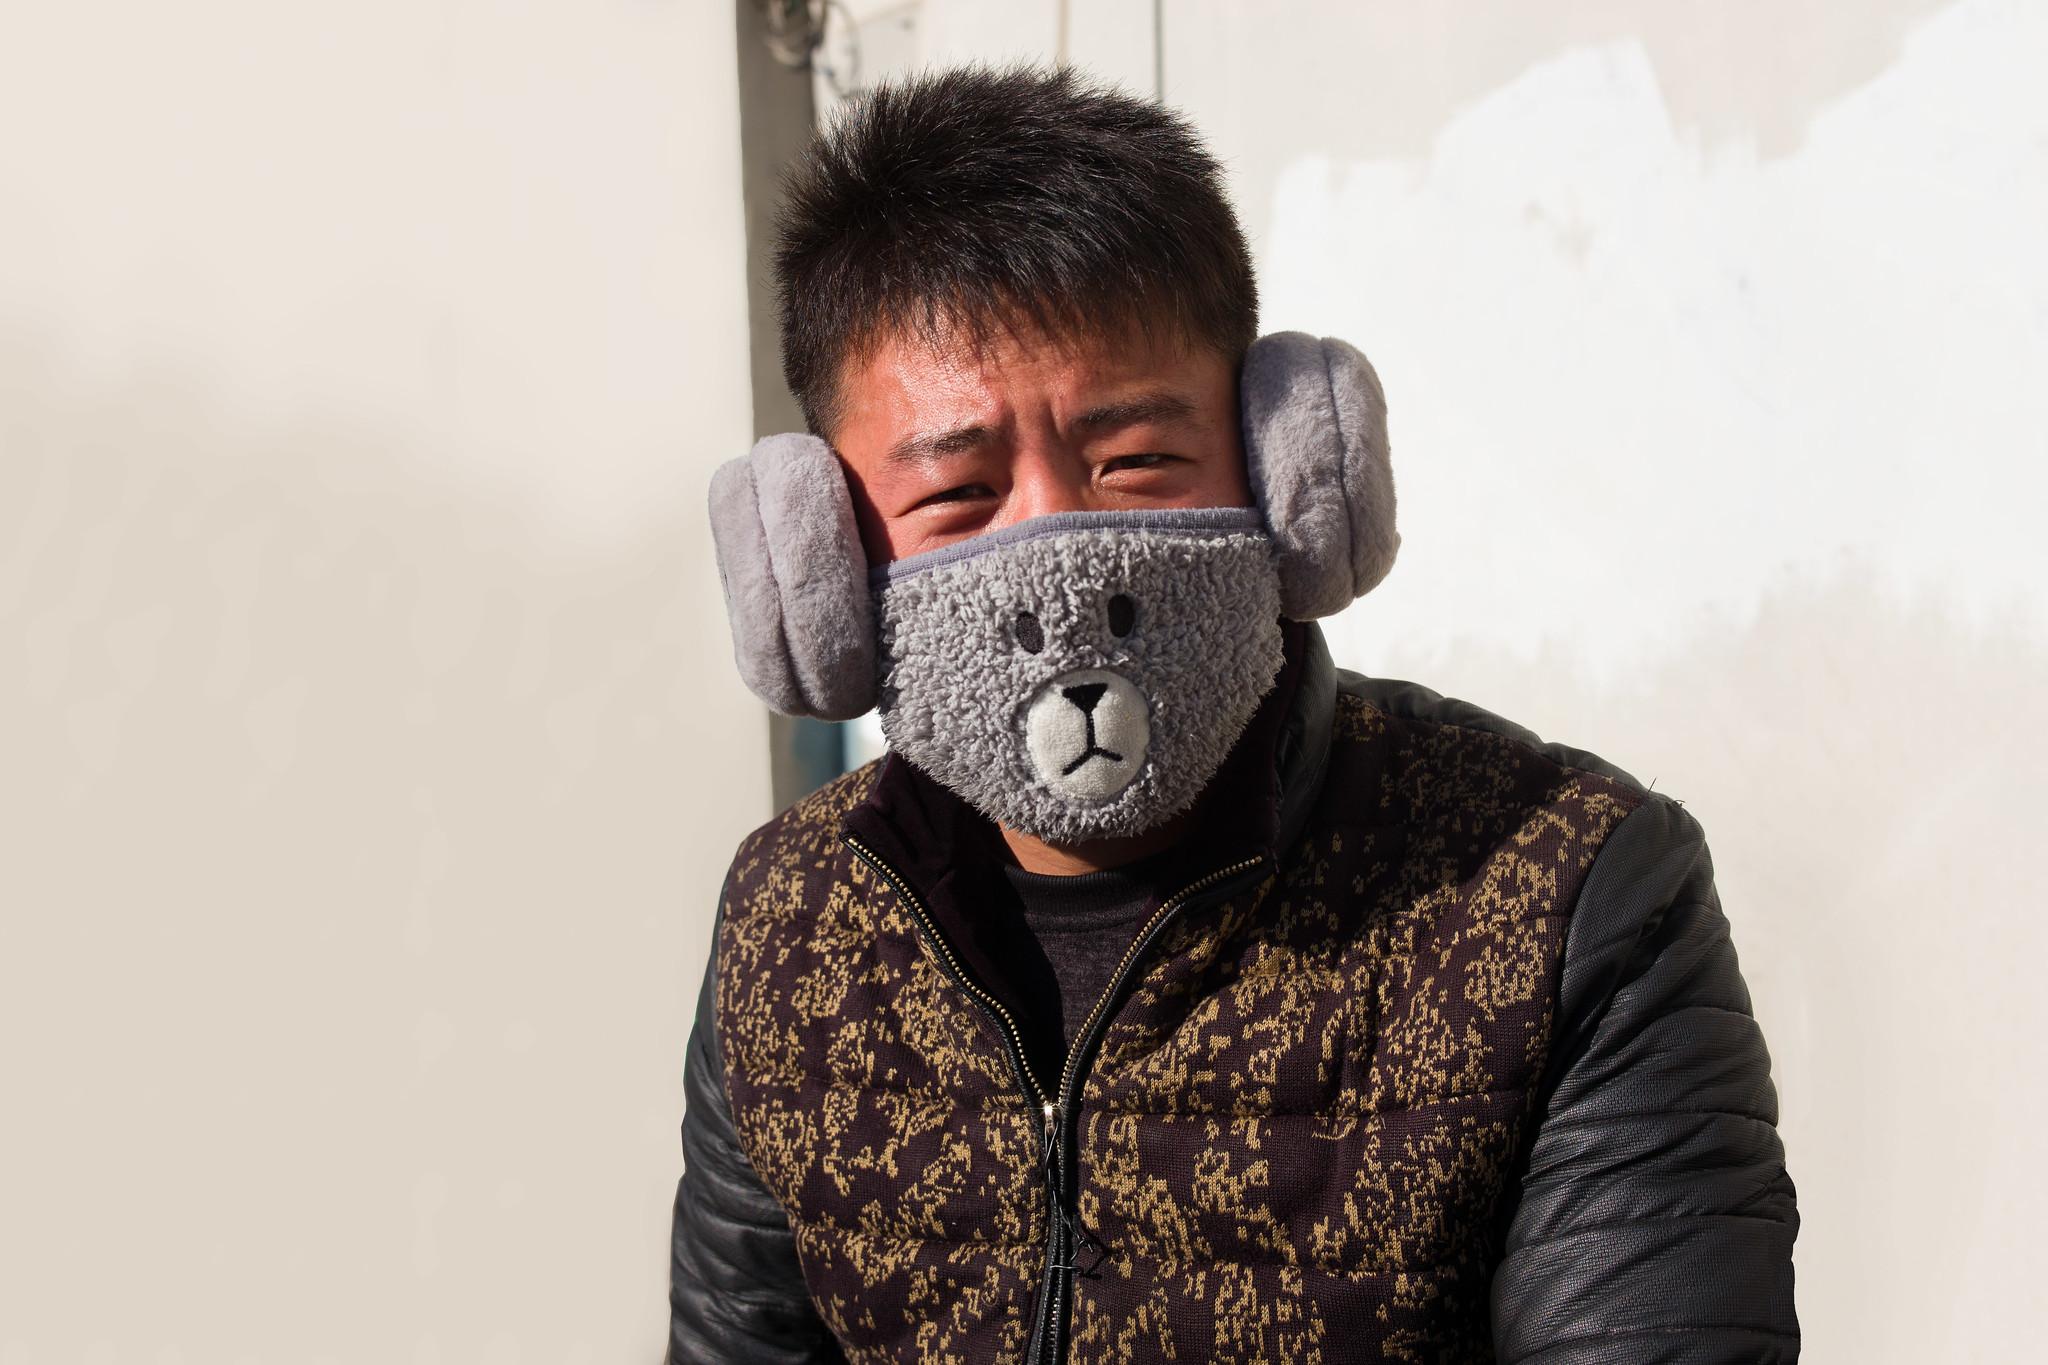 Bärchen-Maske